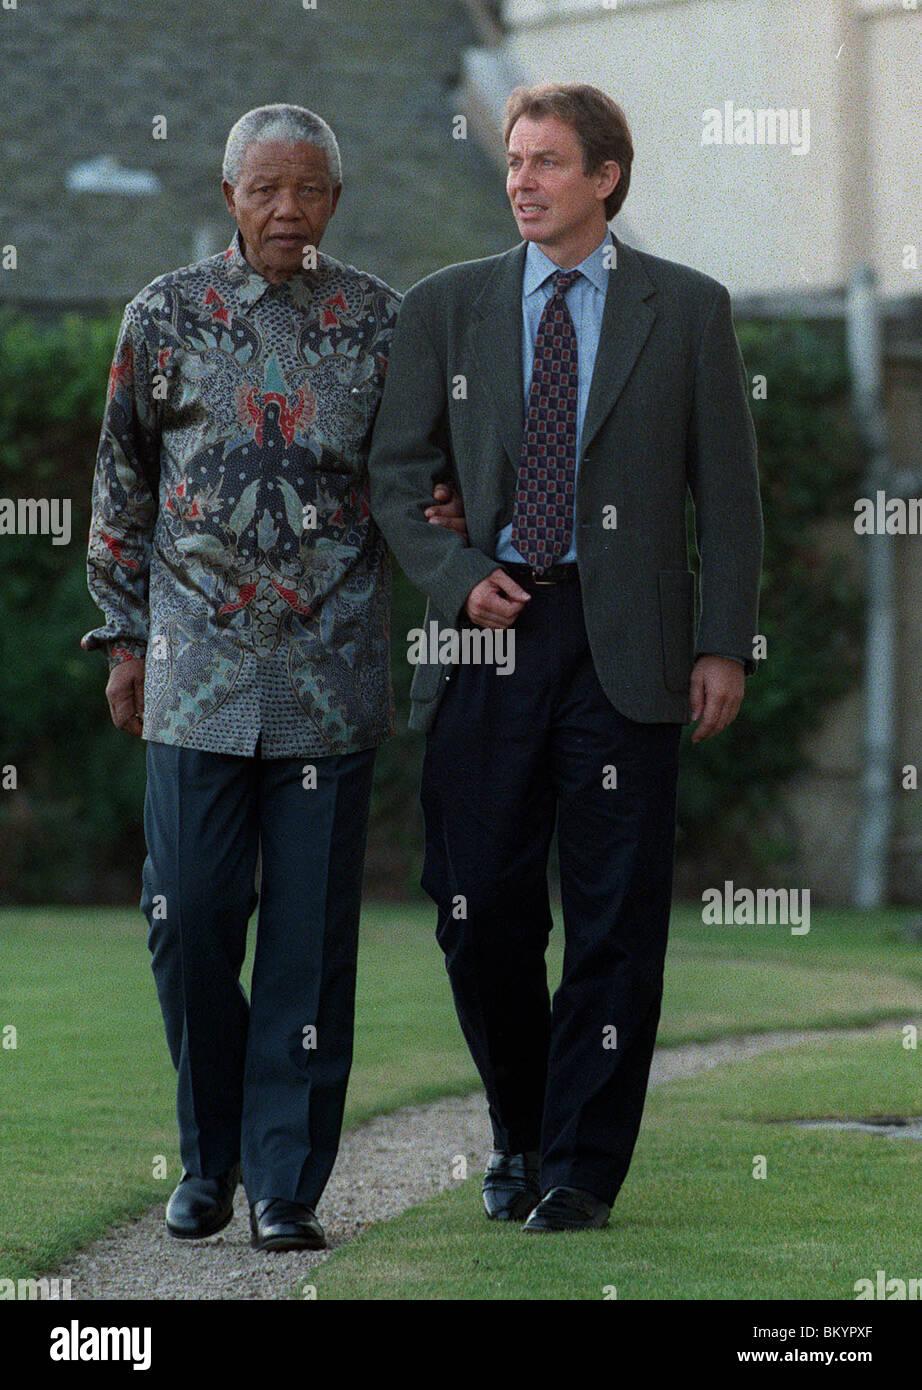 TONY BLAIR & NELSON MANDELA TAKE A STROLL ST. ANDREWS 19 December 1997 - Stock Image